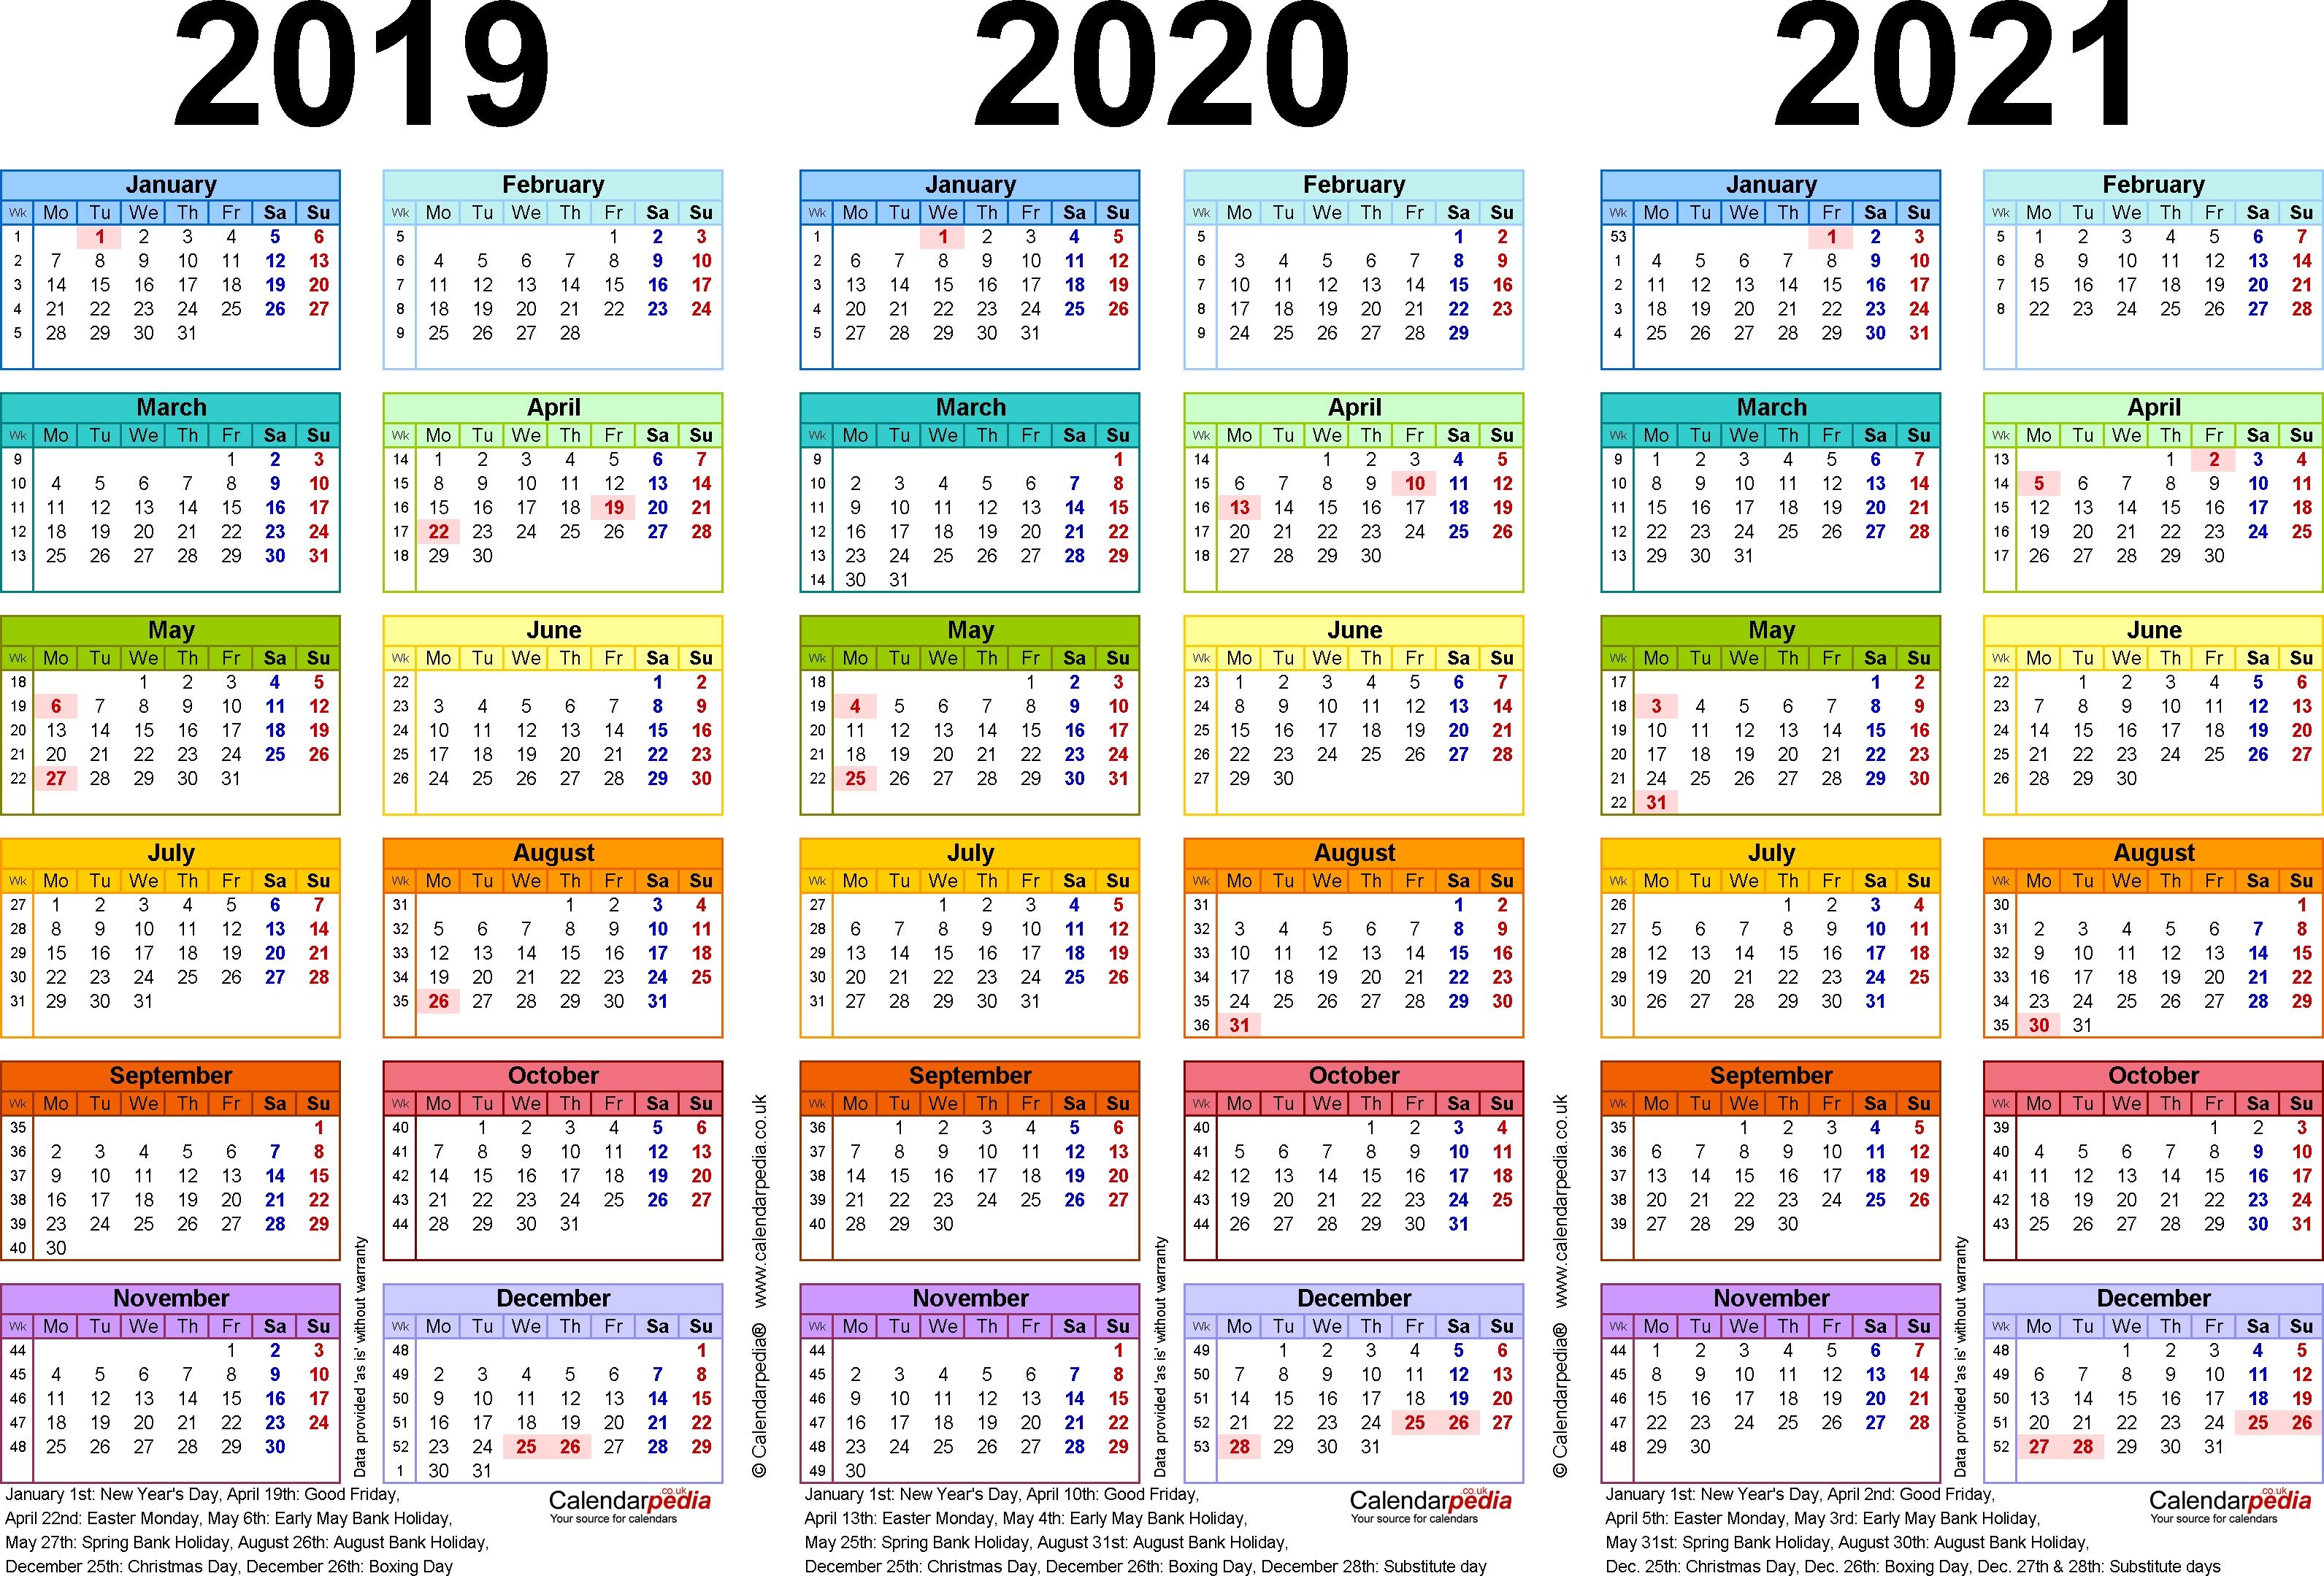 Calendar July 2019 To June 2020 | Template Calendar Printable with regard to Printable Calendars July 2019 To June 2020